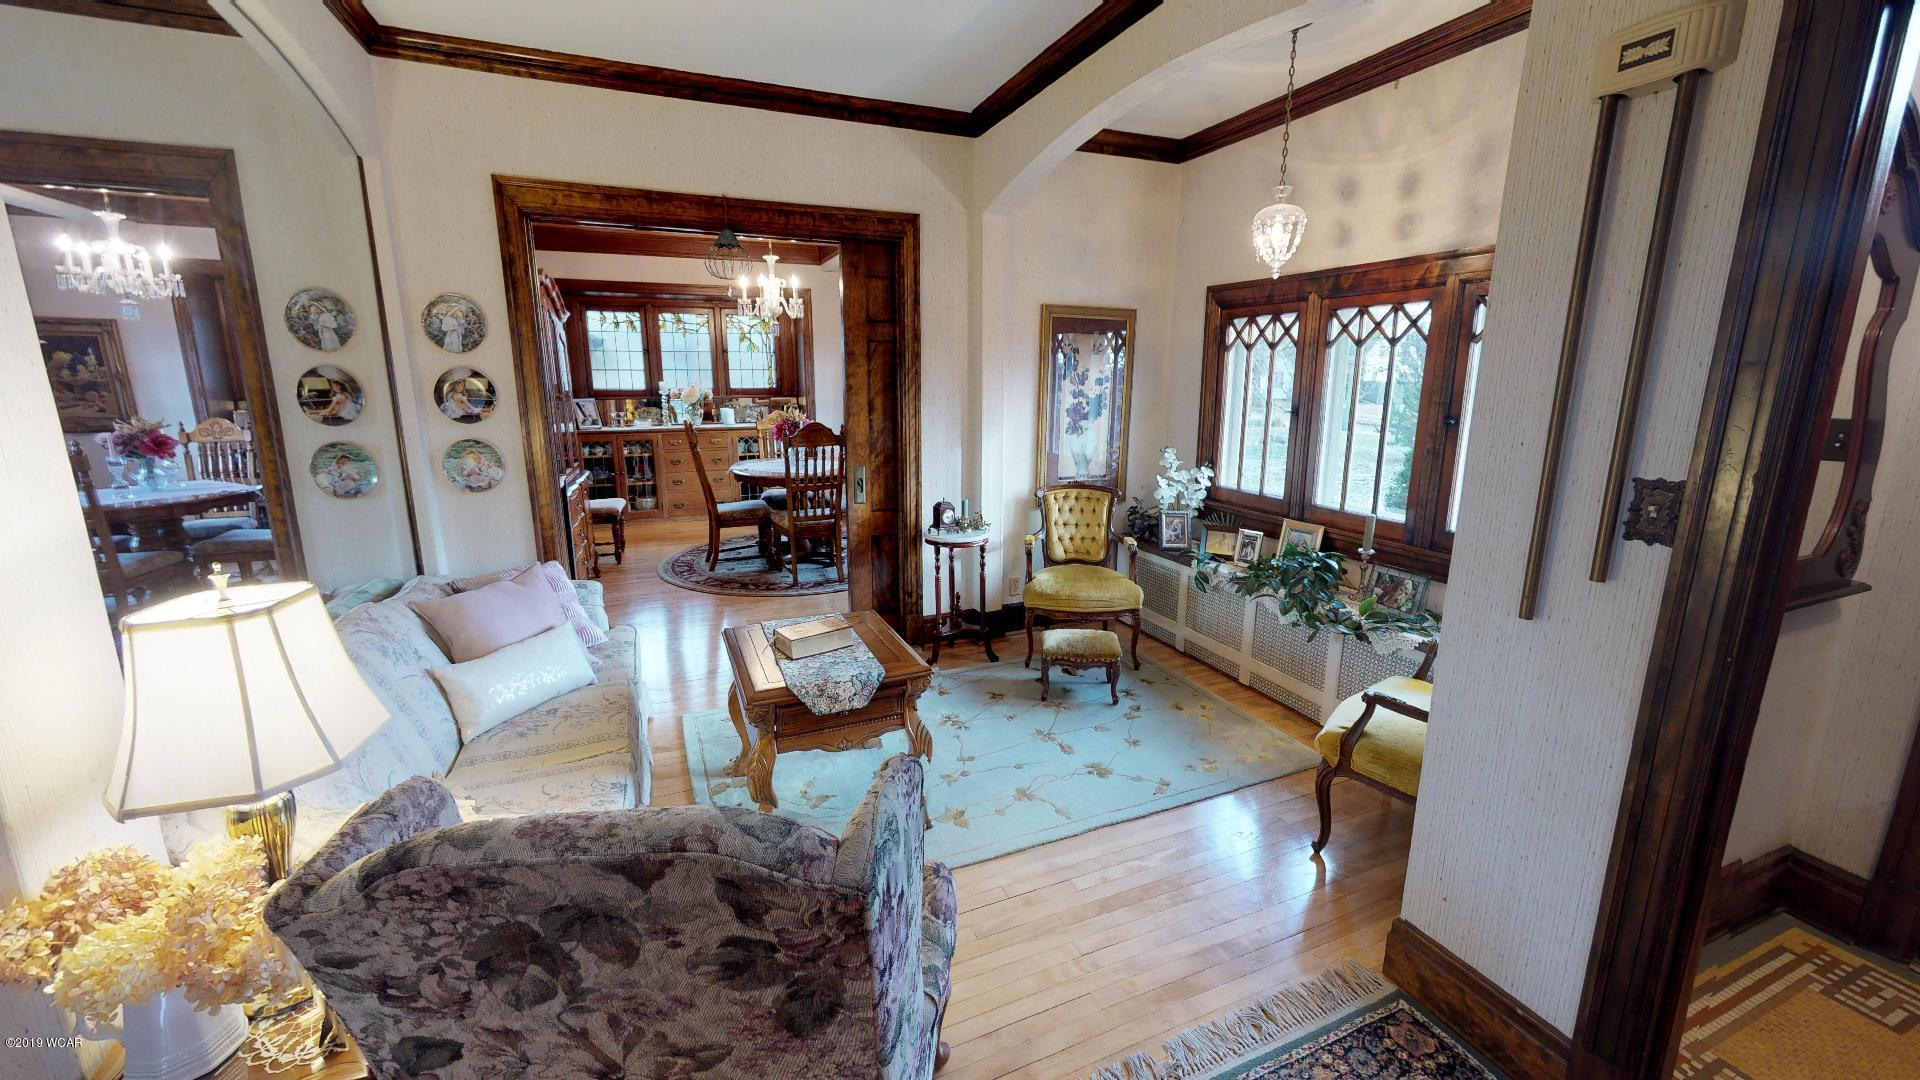 127 Summit Avenue,Montevideo,4 Bedrooms Bedrooms,4 BathroomsBathrooms,Single Family,Summit Avenue,6033254